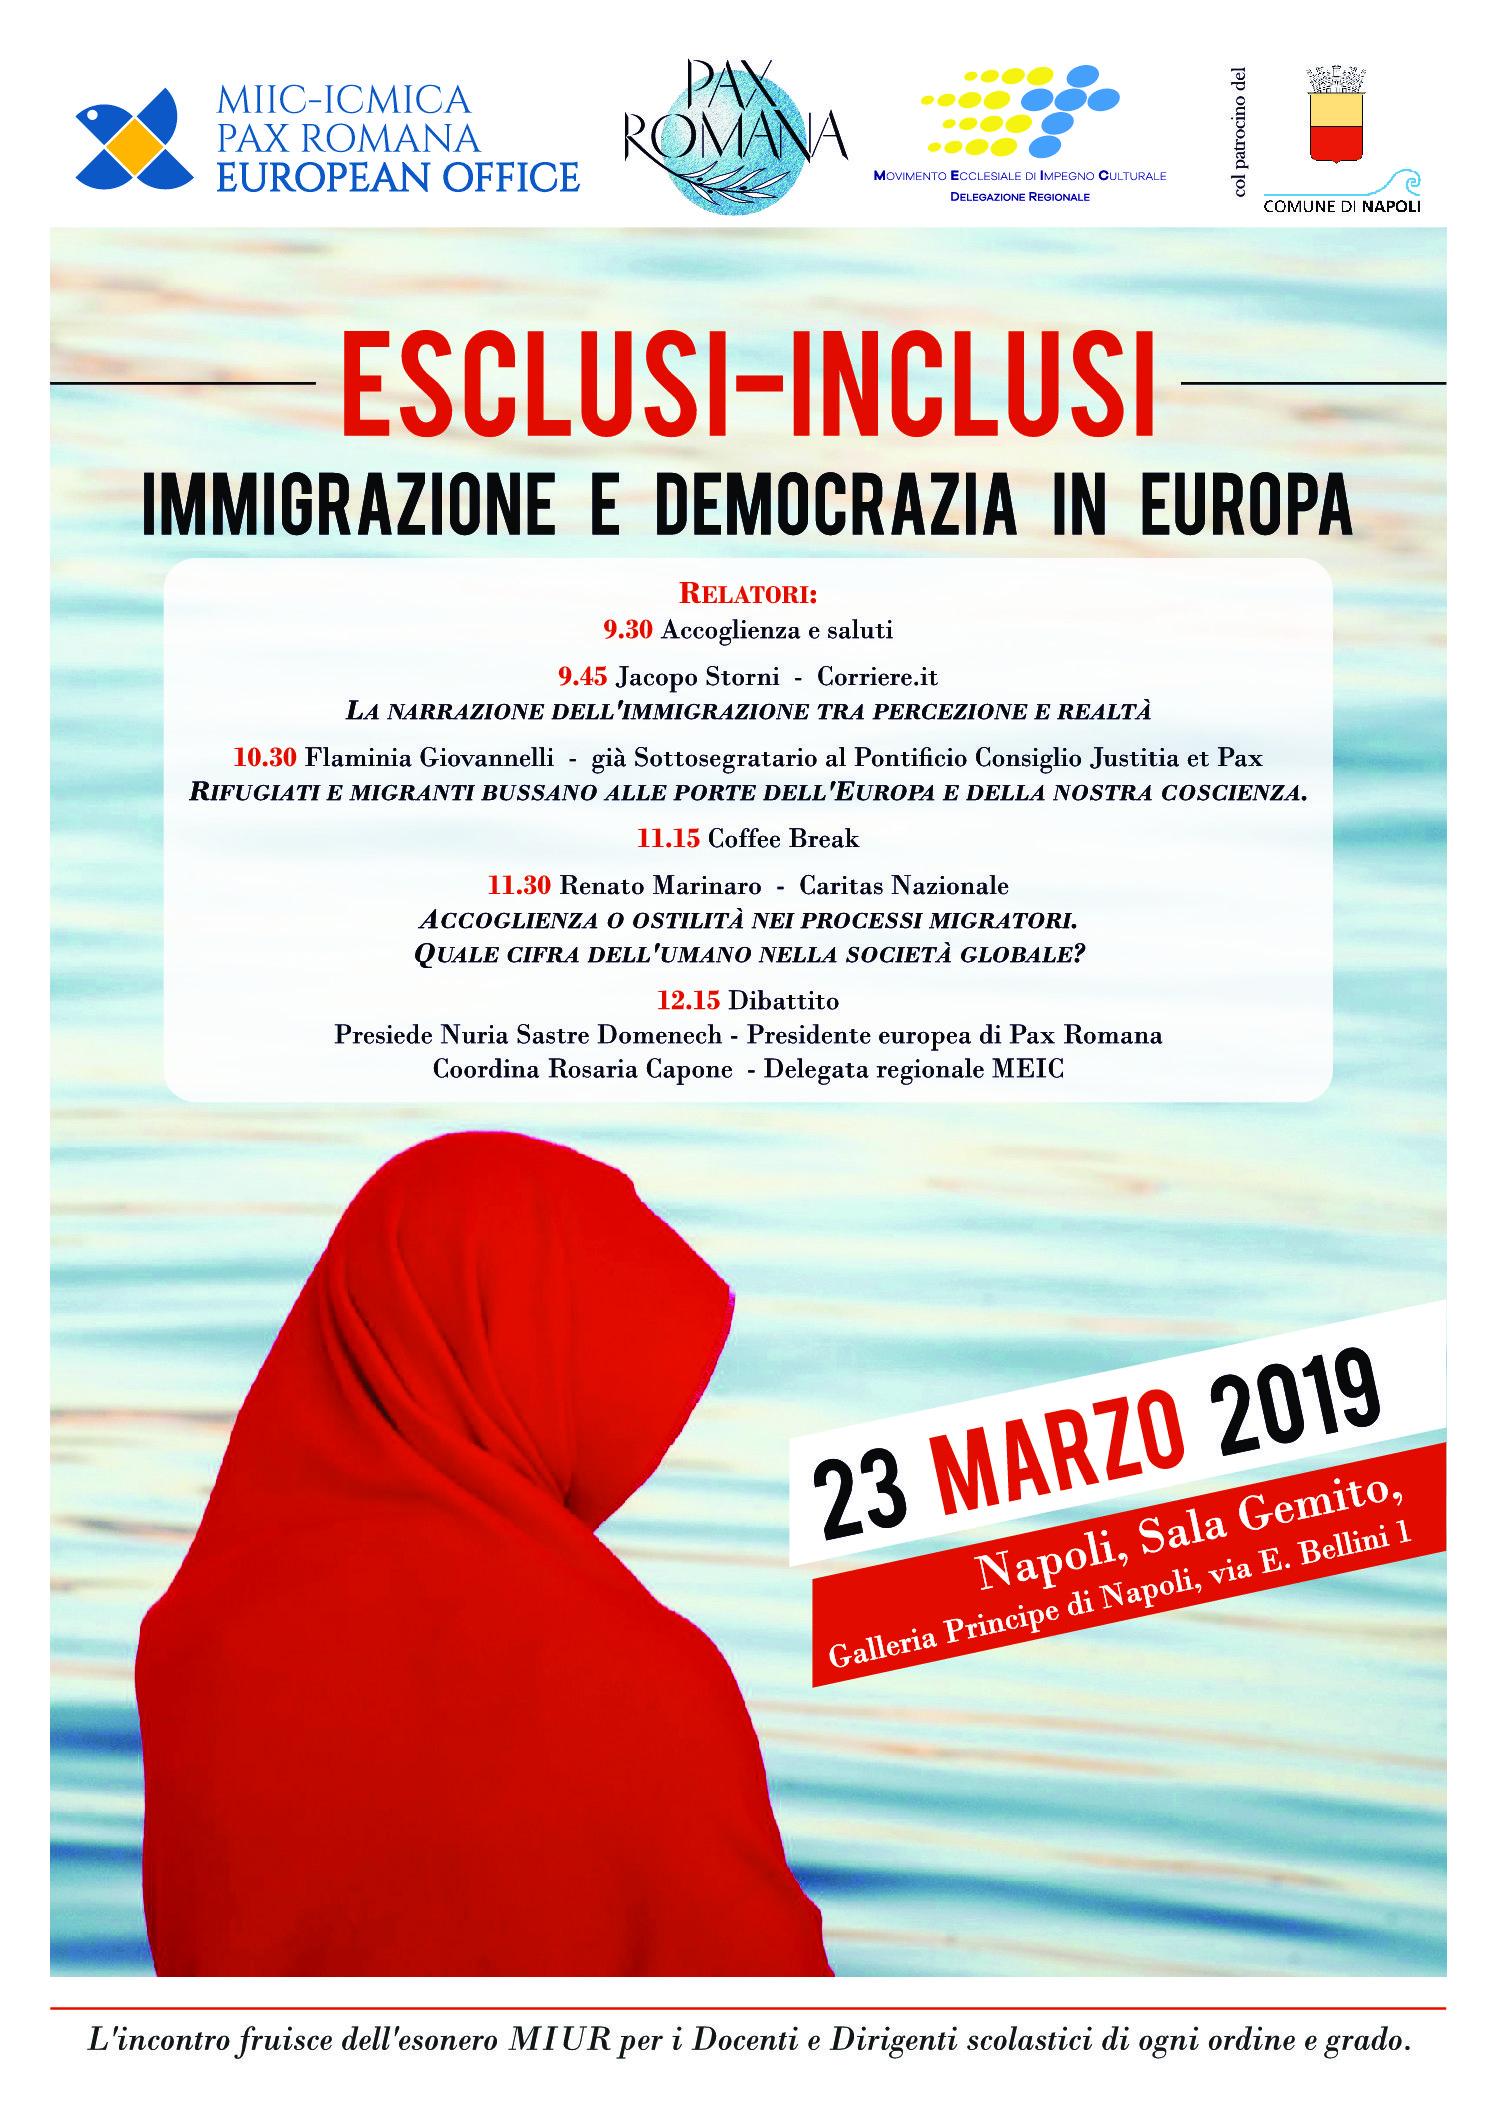 Escusi-inclusi. Immigrazione e Democrazia in Europa. Convegno del Meic a Napoli